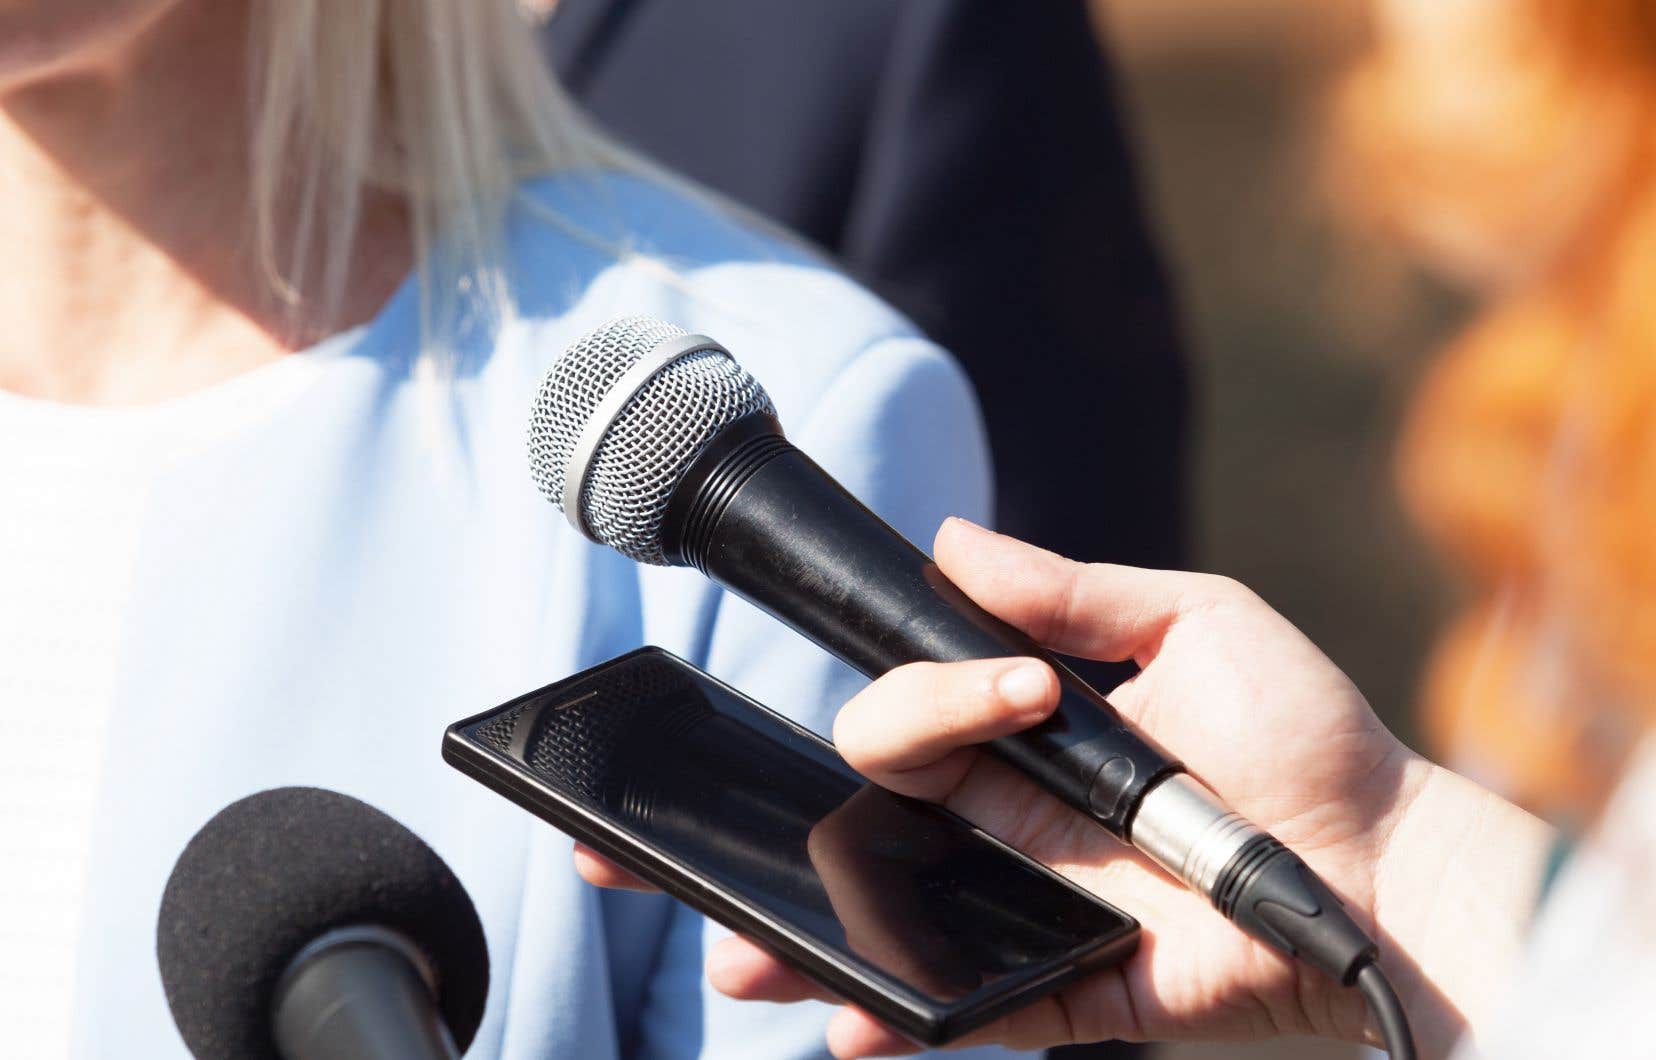 «L'étude confirme aussi que les politiciennes continuent d'être représentées en fonction de leur apparence physique et des émotions qu'elles manifestent plutôt qu'en fonction de leur projet électoral, de leurs idées et de leur vision politique», écrivent les autrices.